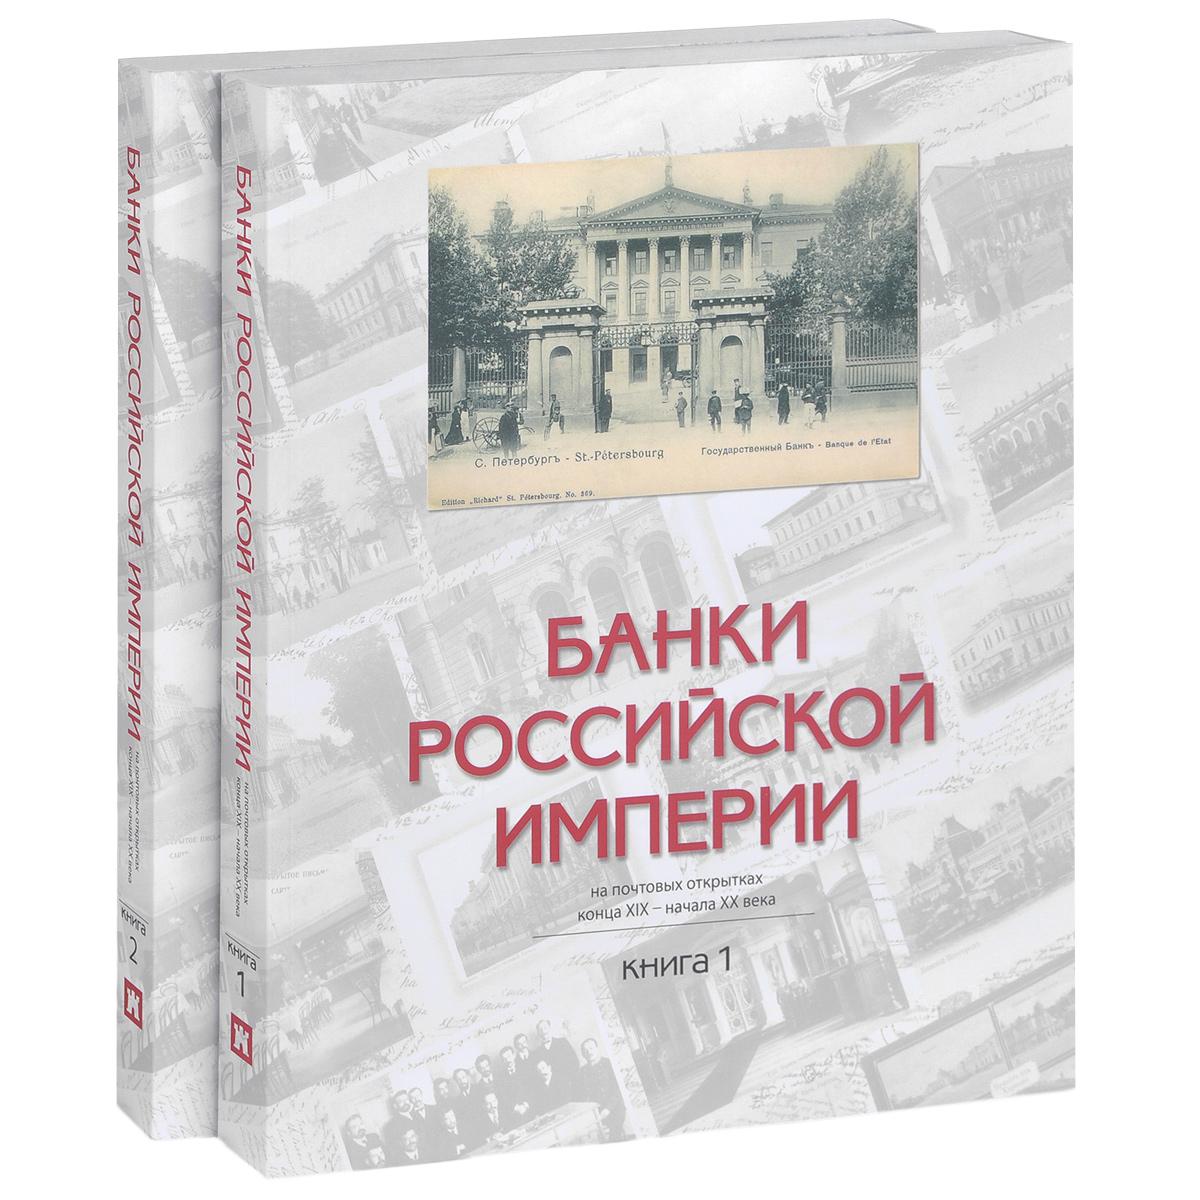 Банки Российской империи на почтовых открытках конца XIX - начала XX века (комплект из 2 книг)